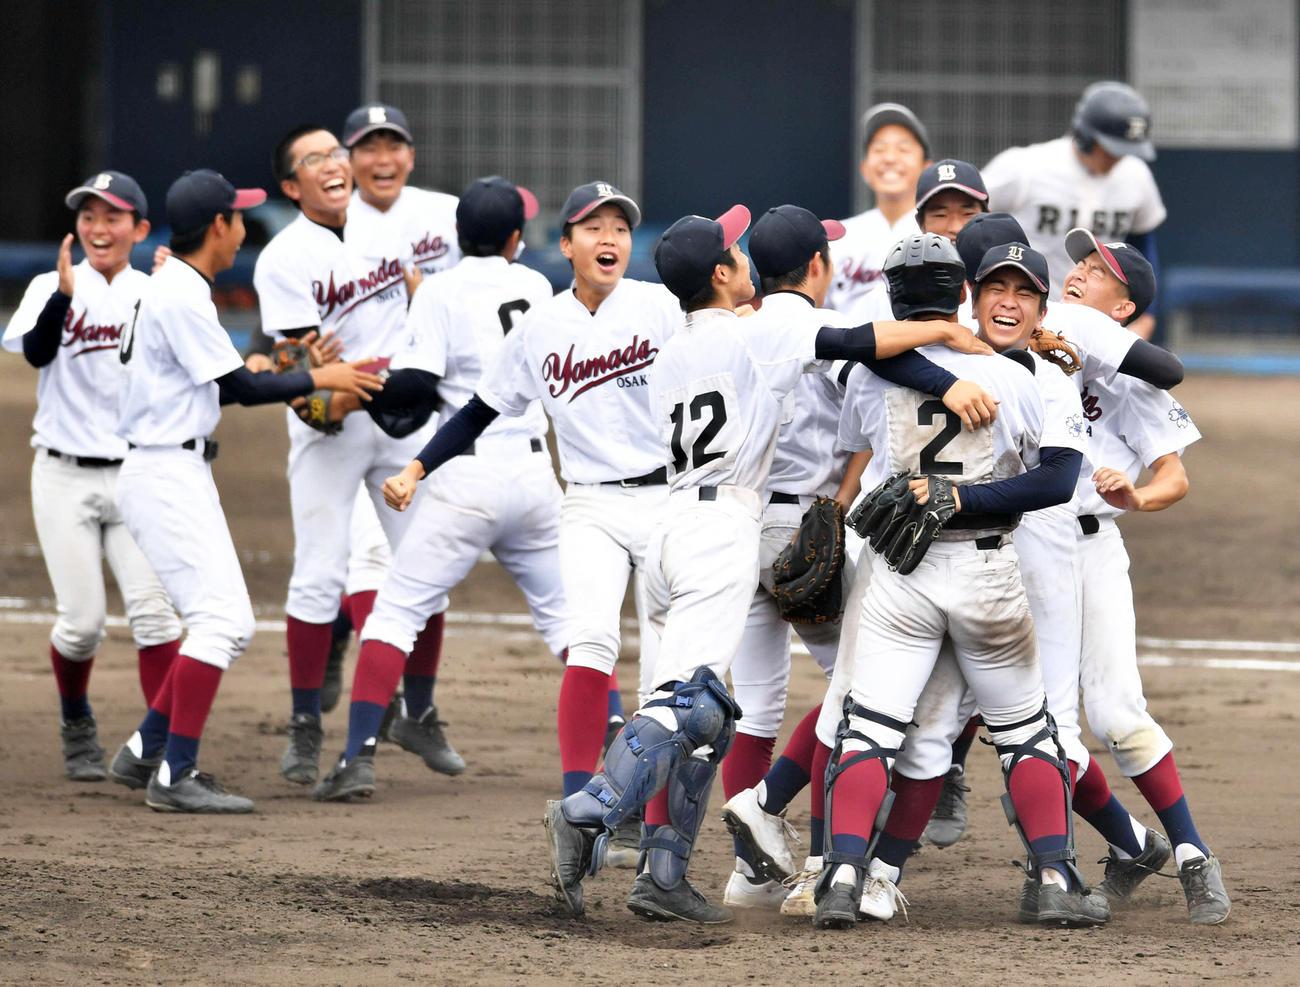 4日の秋季大阪大会3位決定戦で履正社を破り歓喜する山田ナイン